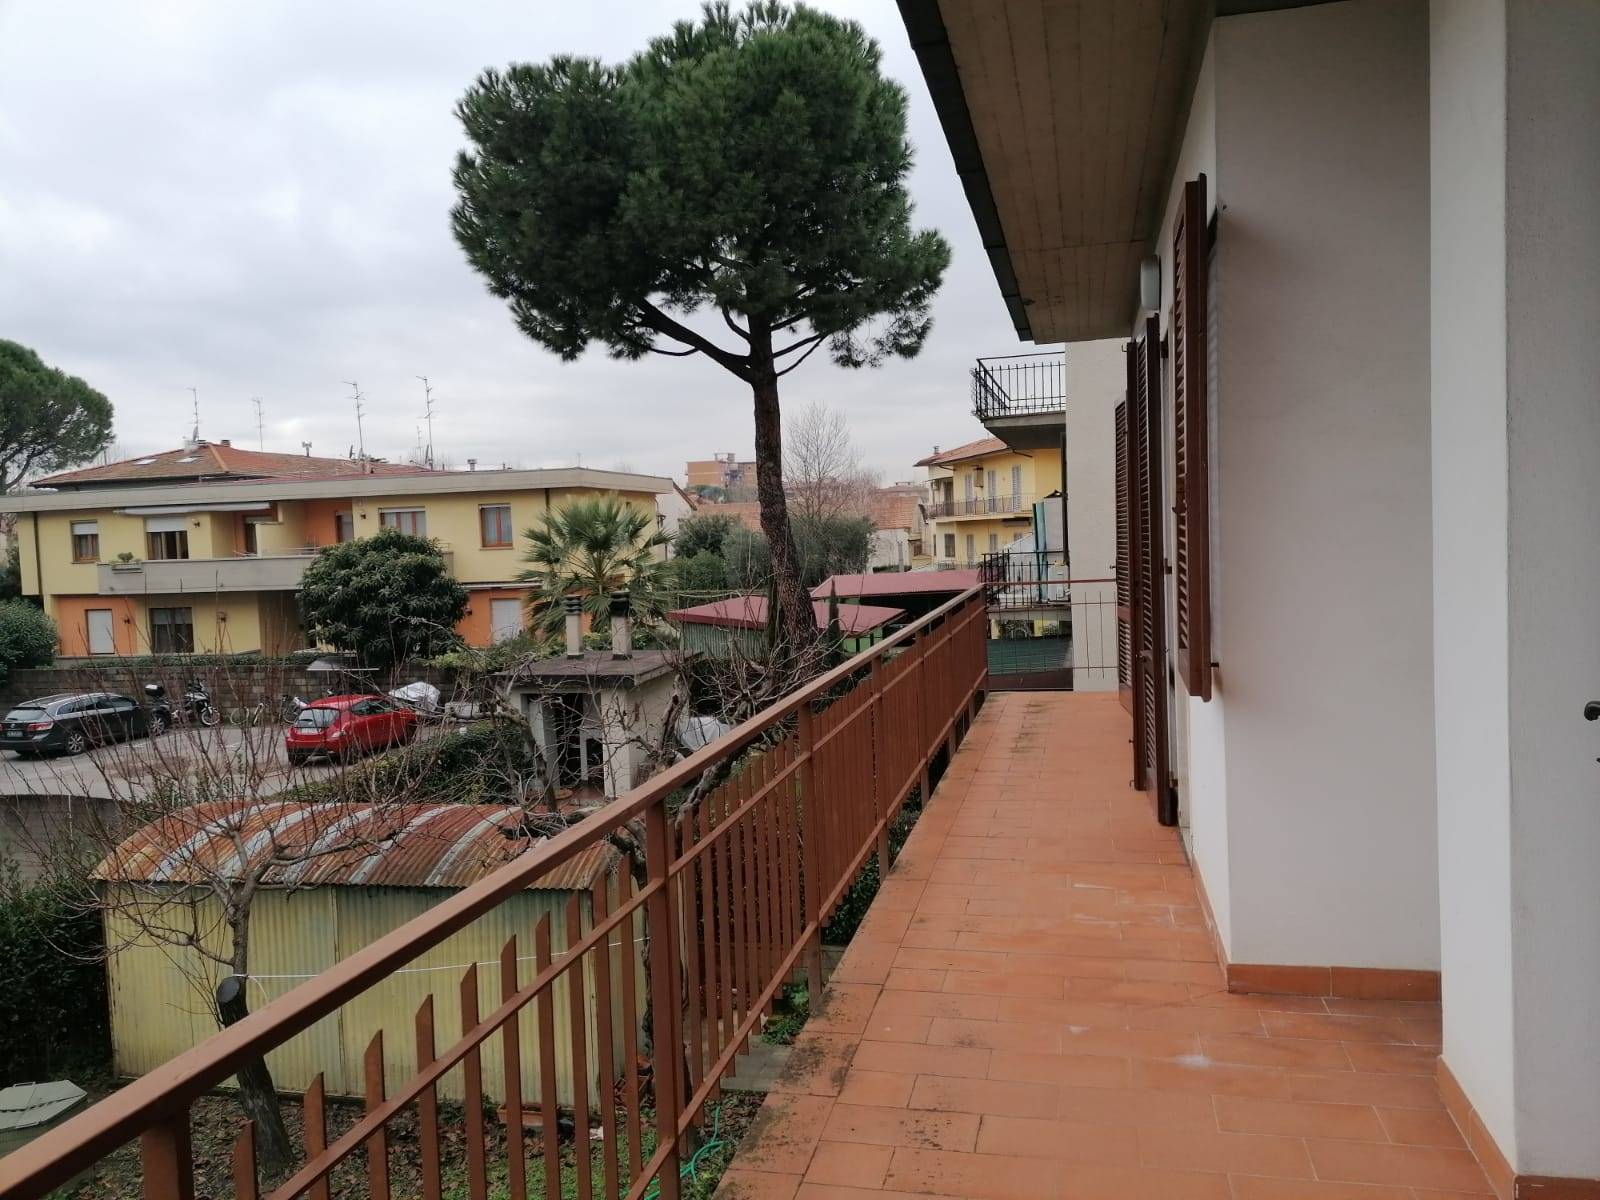 Villa in Vendita a Campi bisenzio zona  - immagine 20